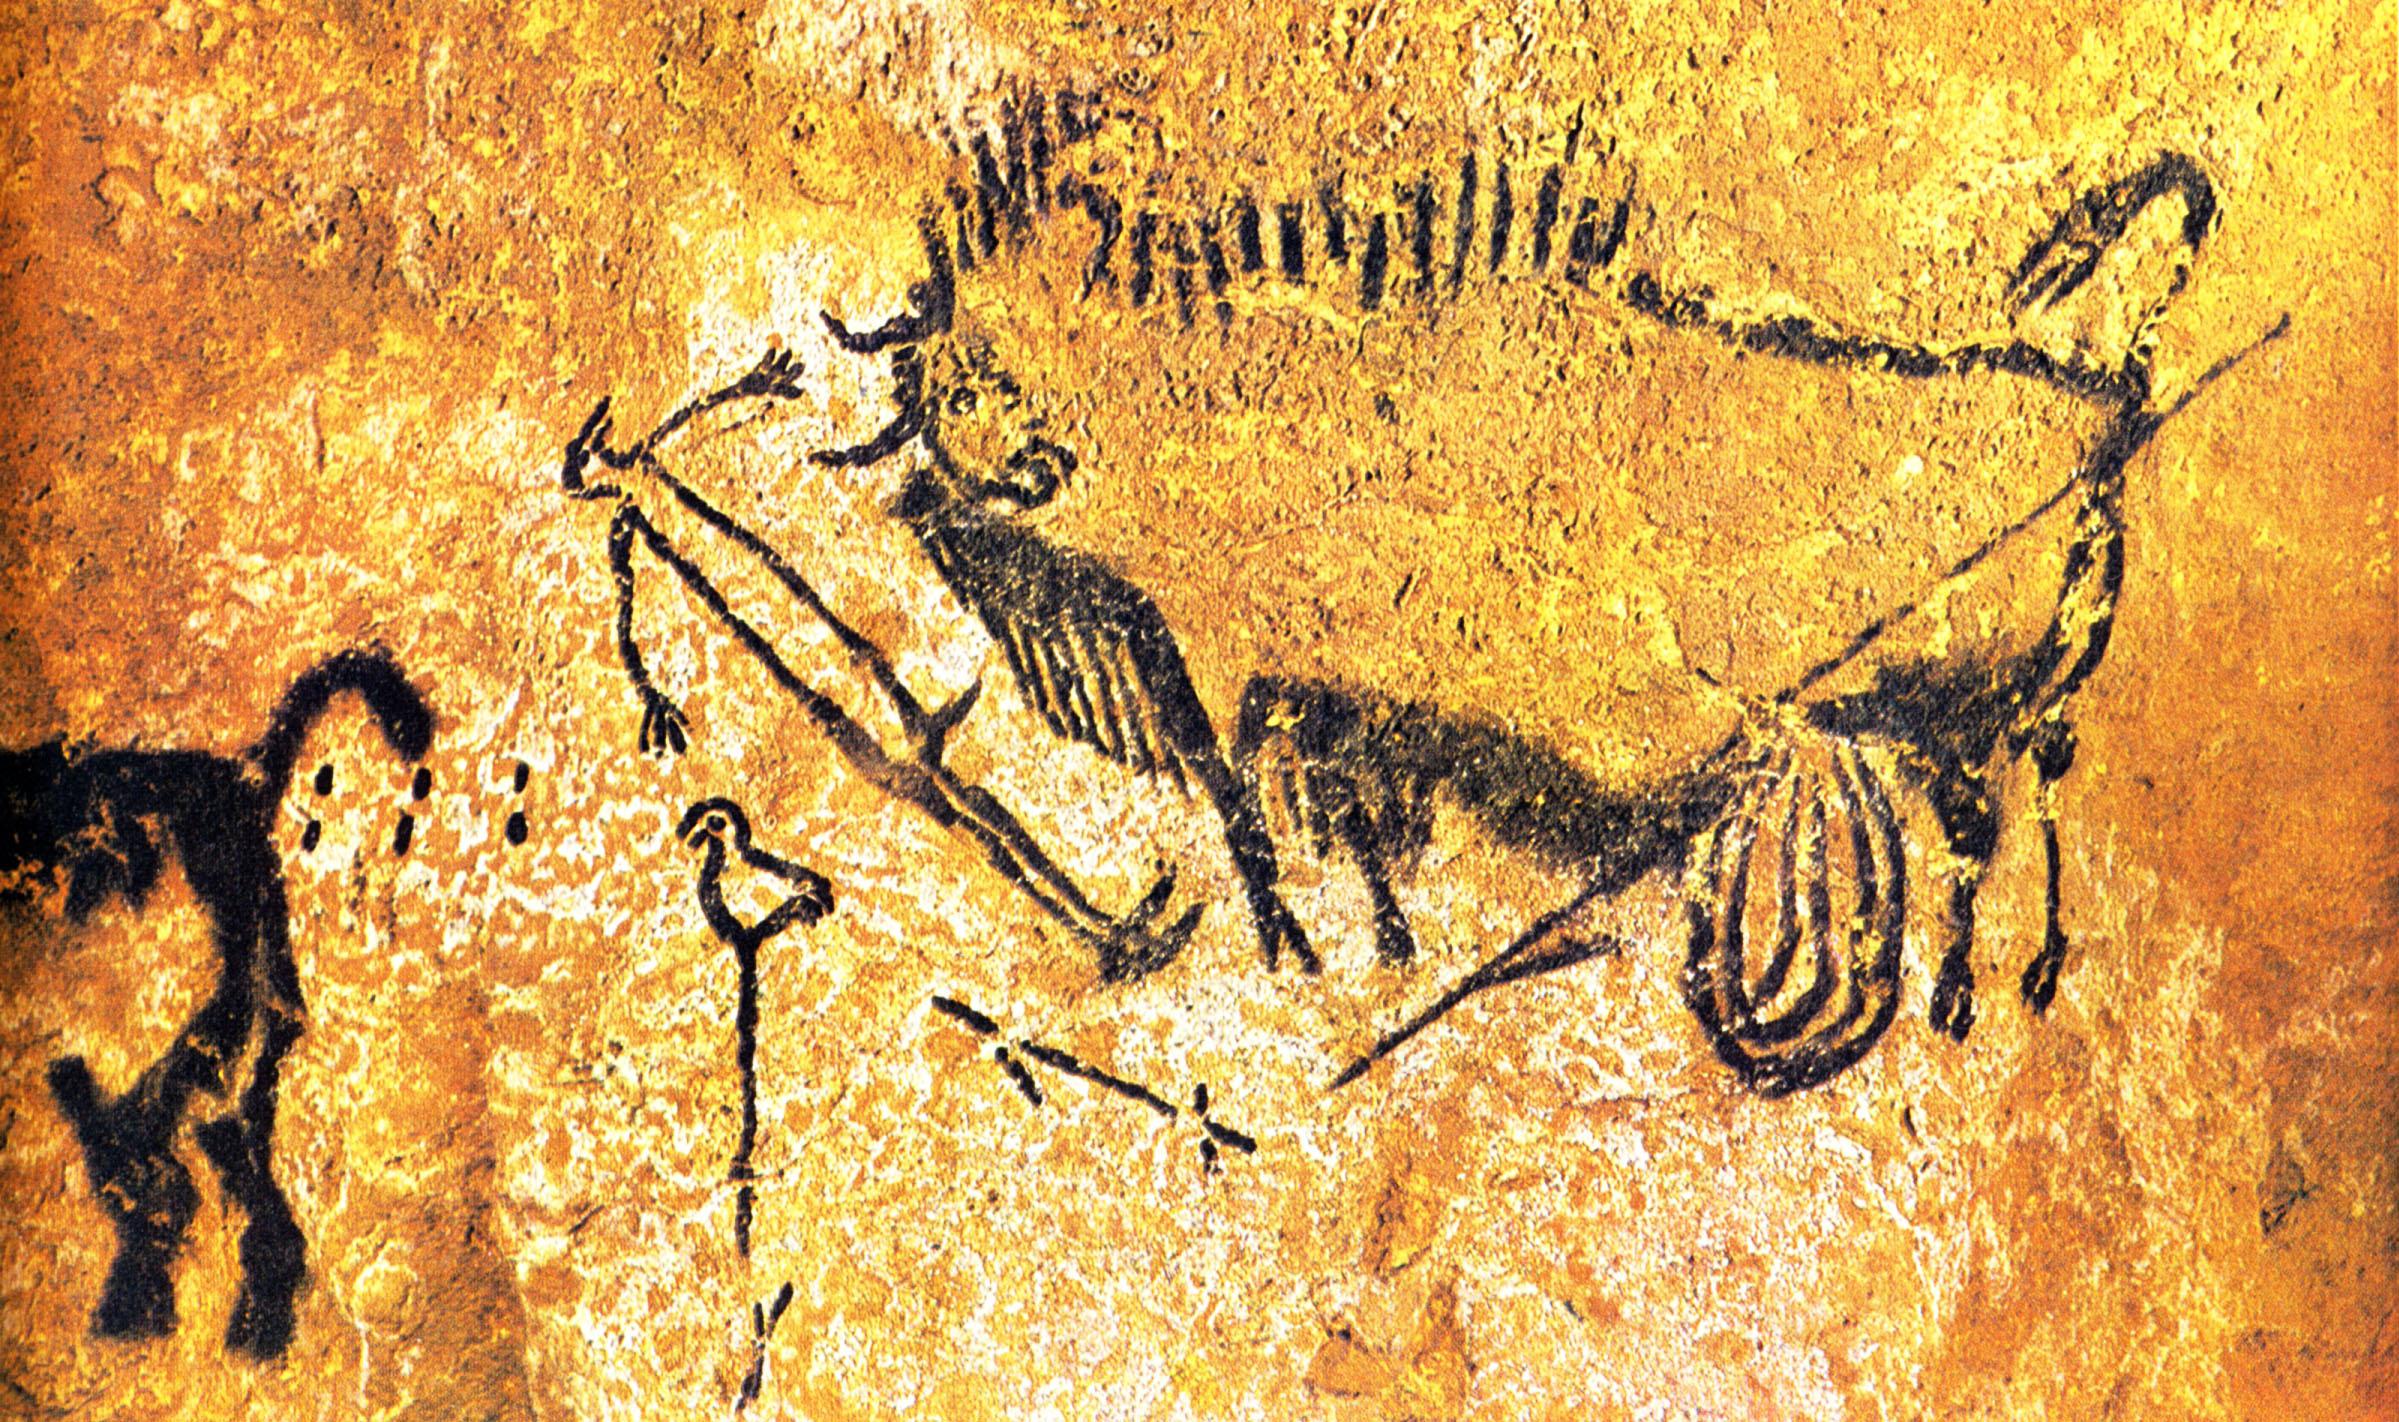 Le déclic artistique : les grottes de Lascaux - Vonguru